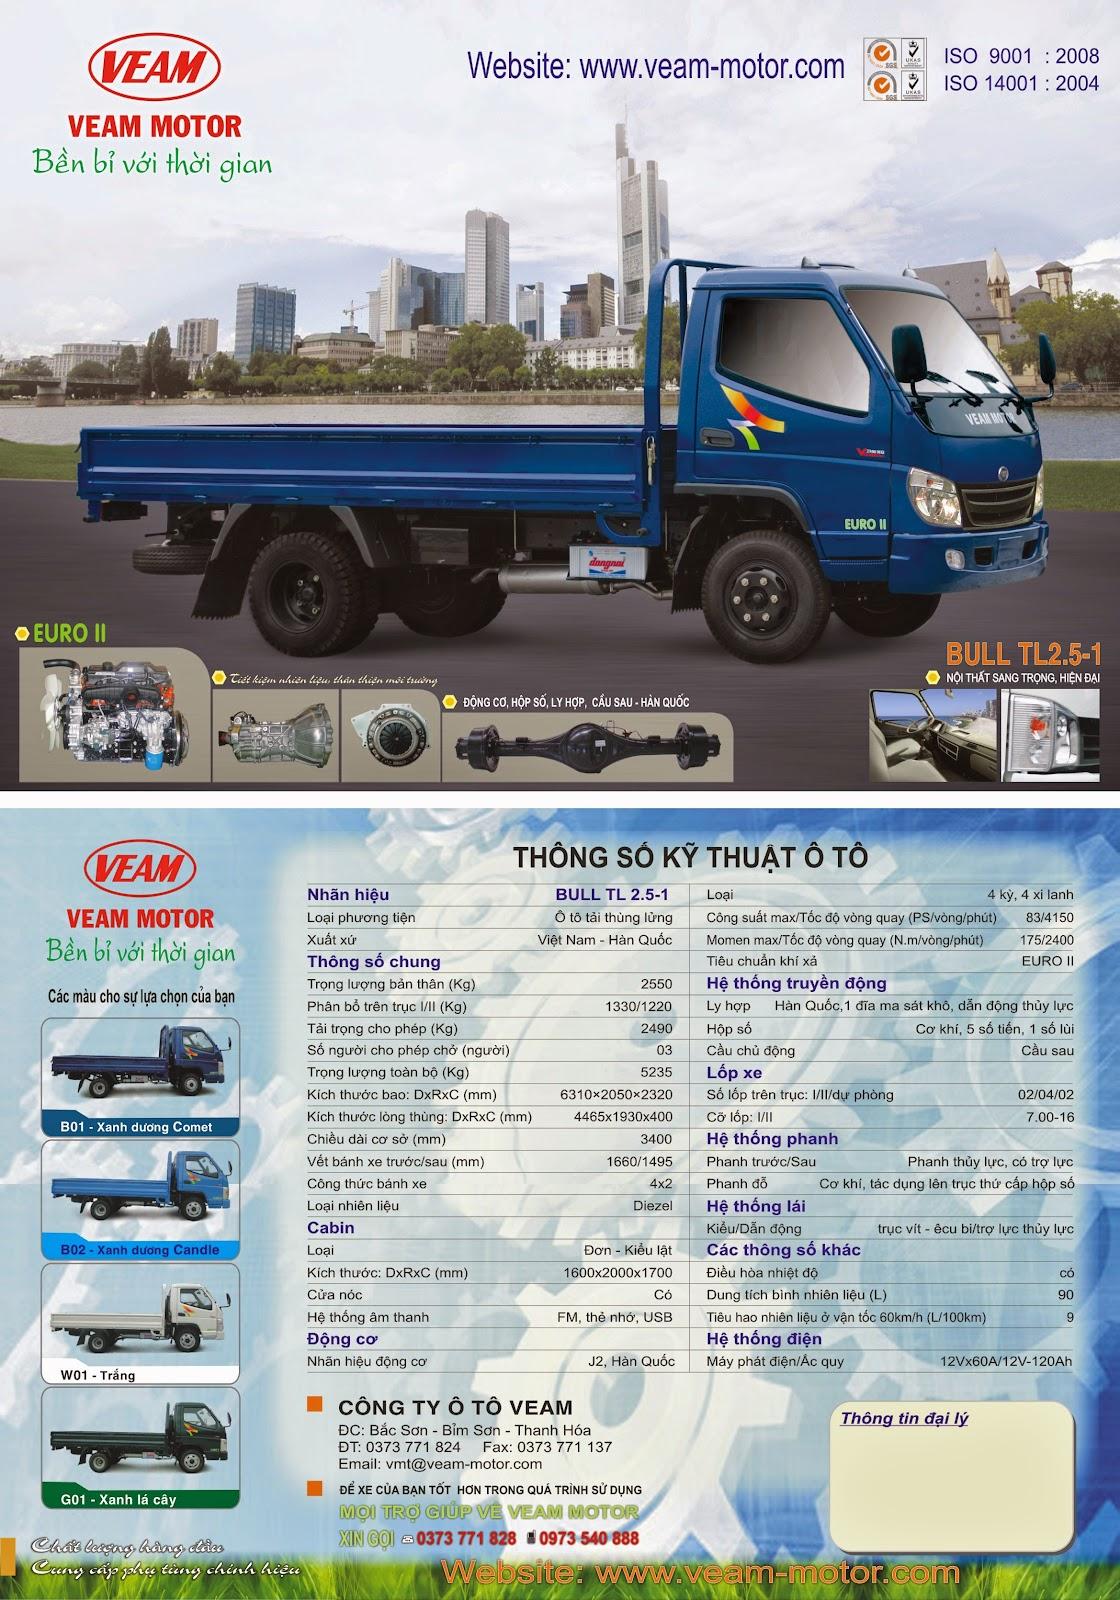 xe tải Veam 2 tấn 5 - Bull TL 2.5-1